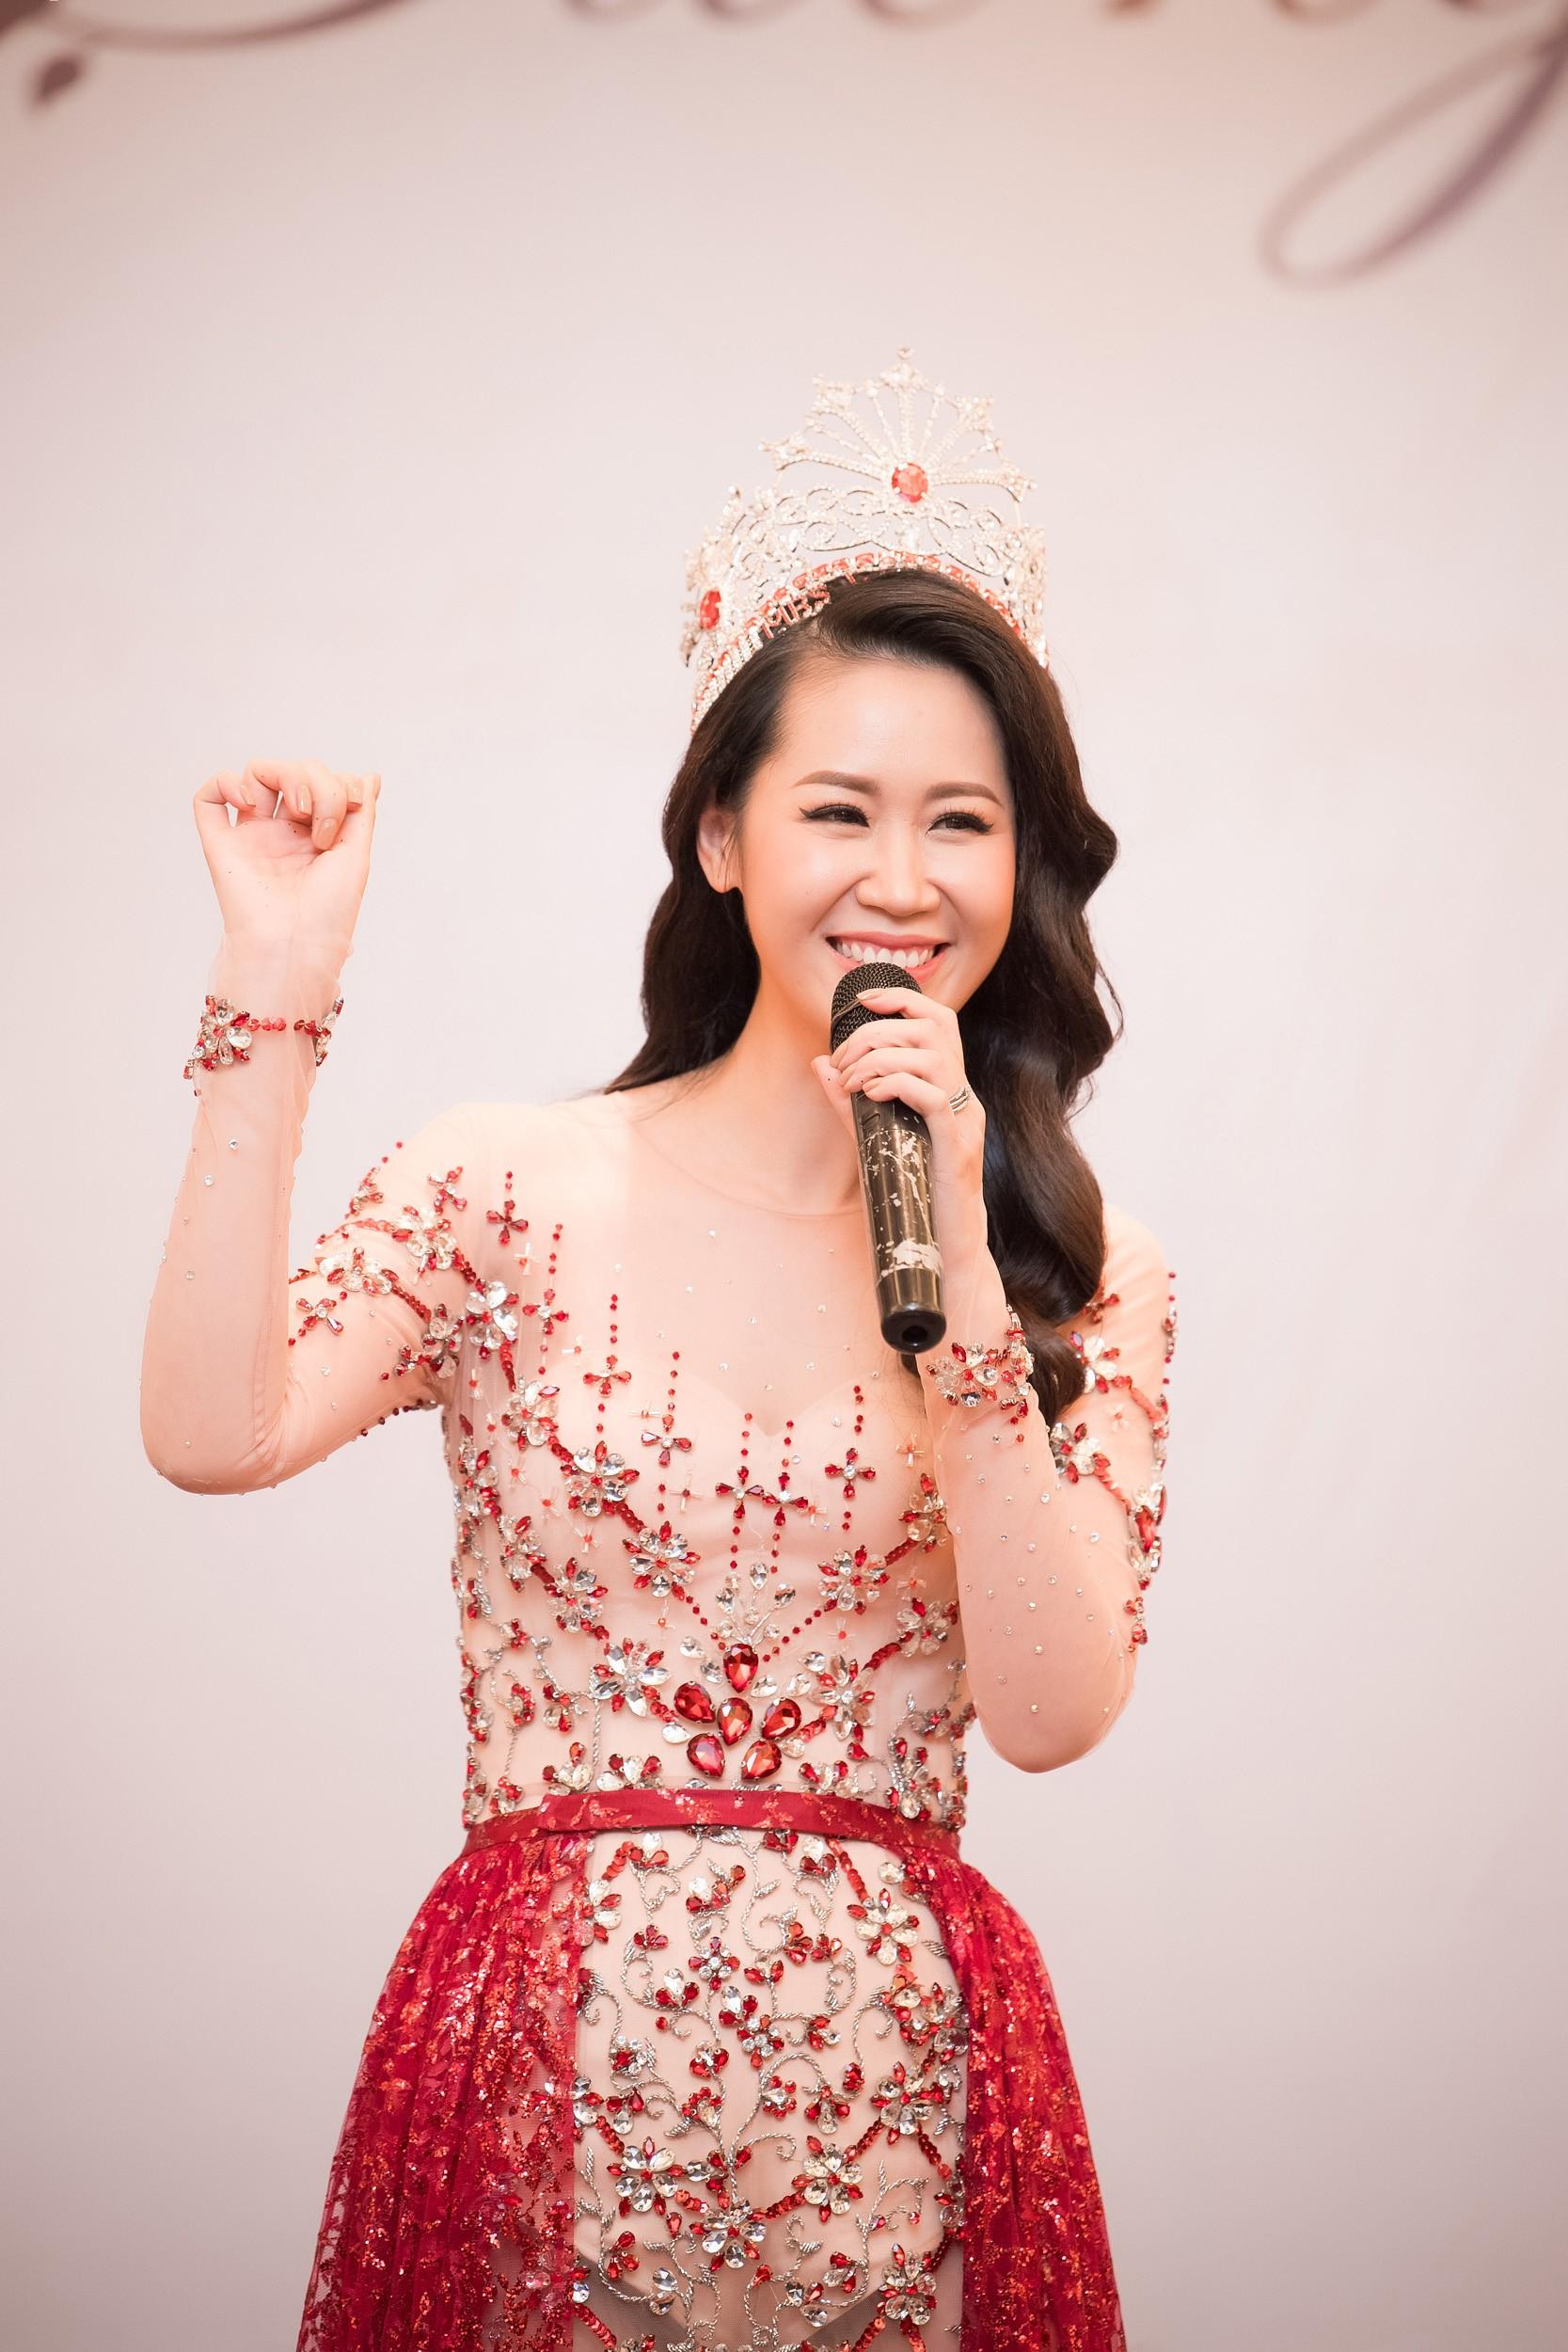 Dương Thùy Linh kể về cái ôm sau cánh gà trước khi được xướng tên Hoa hậu Quý bà toàn thế giới 2018 - Ảnh 4.